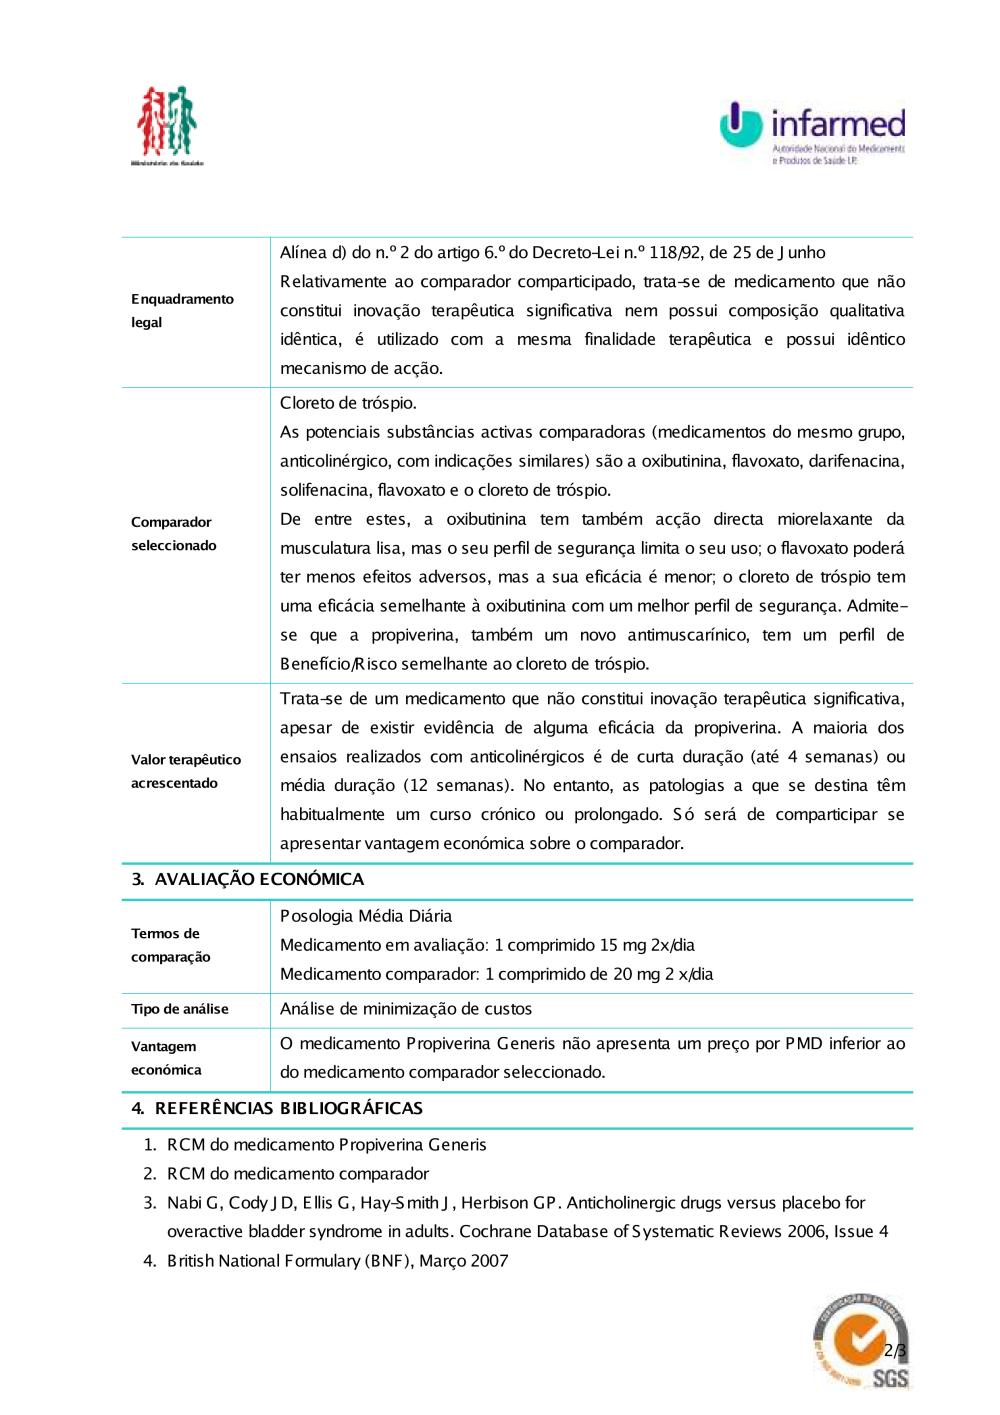 Download do Plano de Negcios - Business Plan